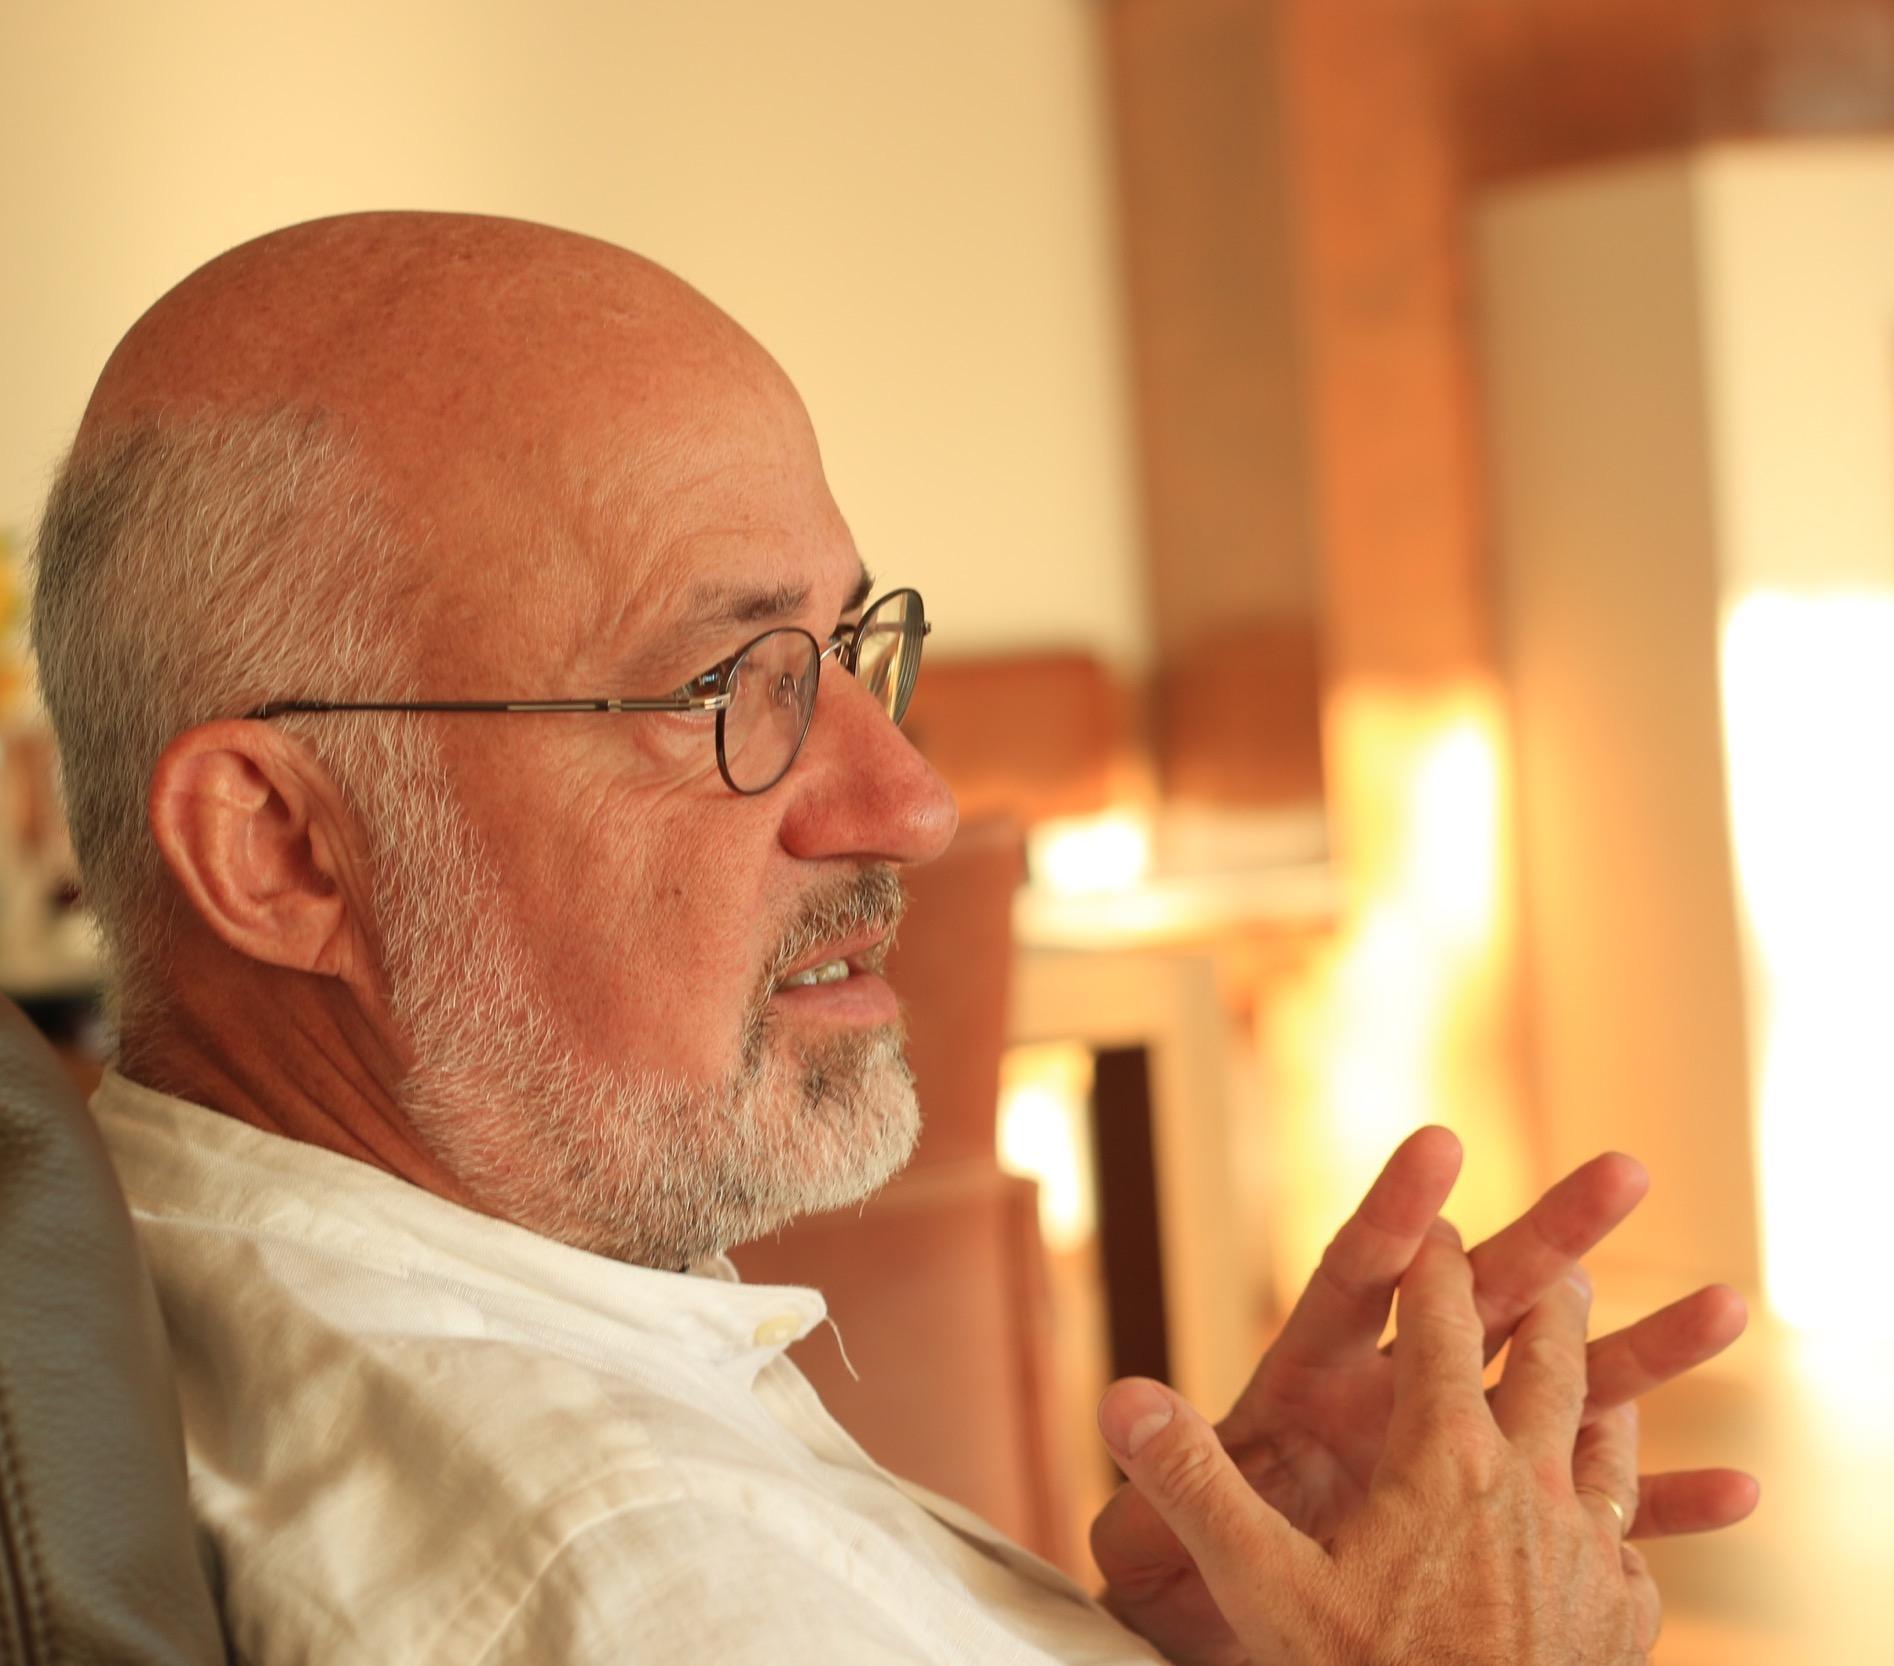 Das Interesse an Naturwissenschaften und meine soziale Ader haben zwanglos zum Medizinstudium geführt. - — Dr. Peter Gungl